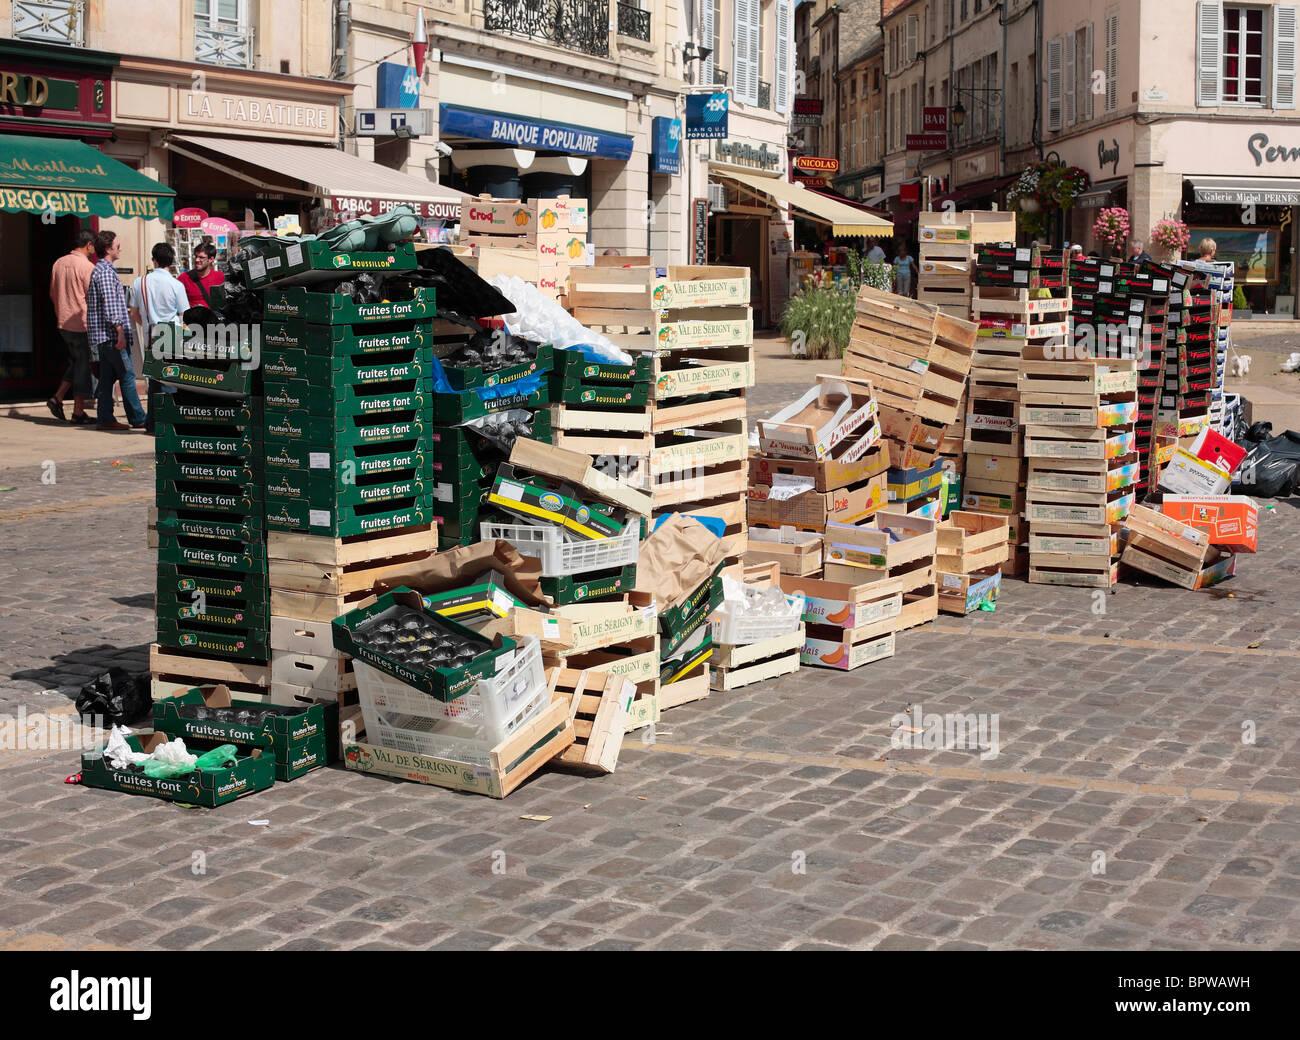 Leeren Sie Obstkisten und anderem Müll nach einem Straßenmarkt in das Zentrum von Beaune in Burgund, Frankreich. Stockbild